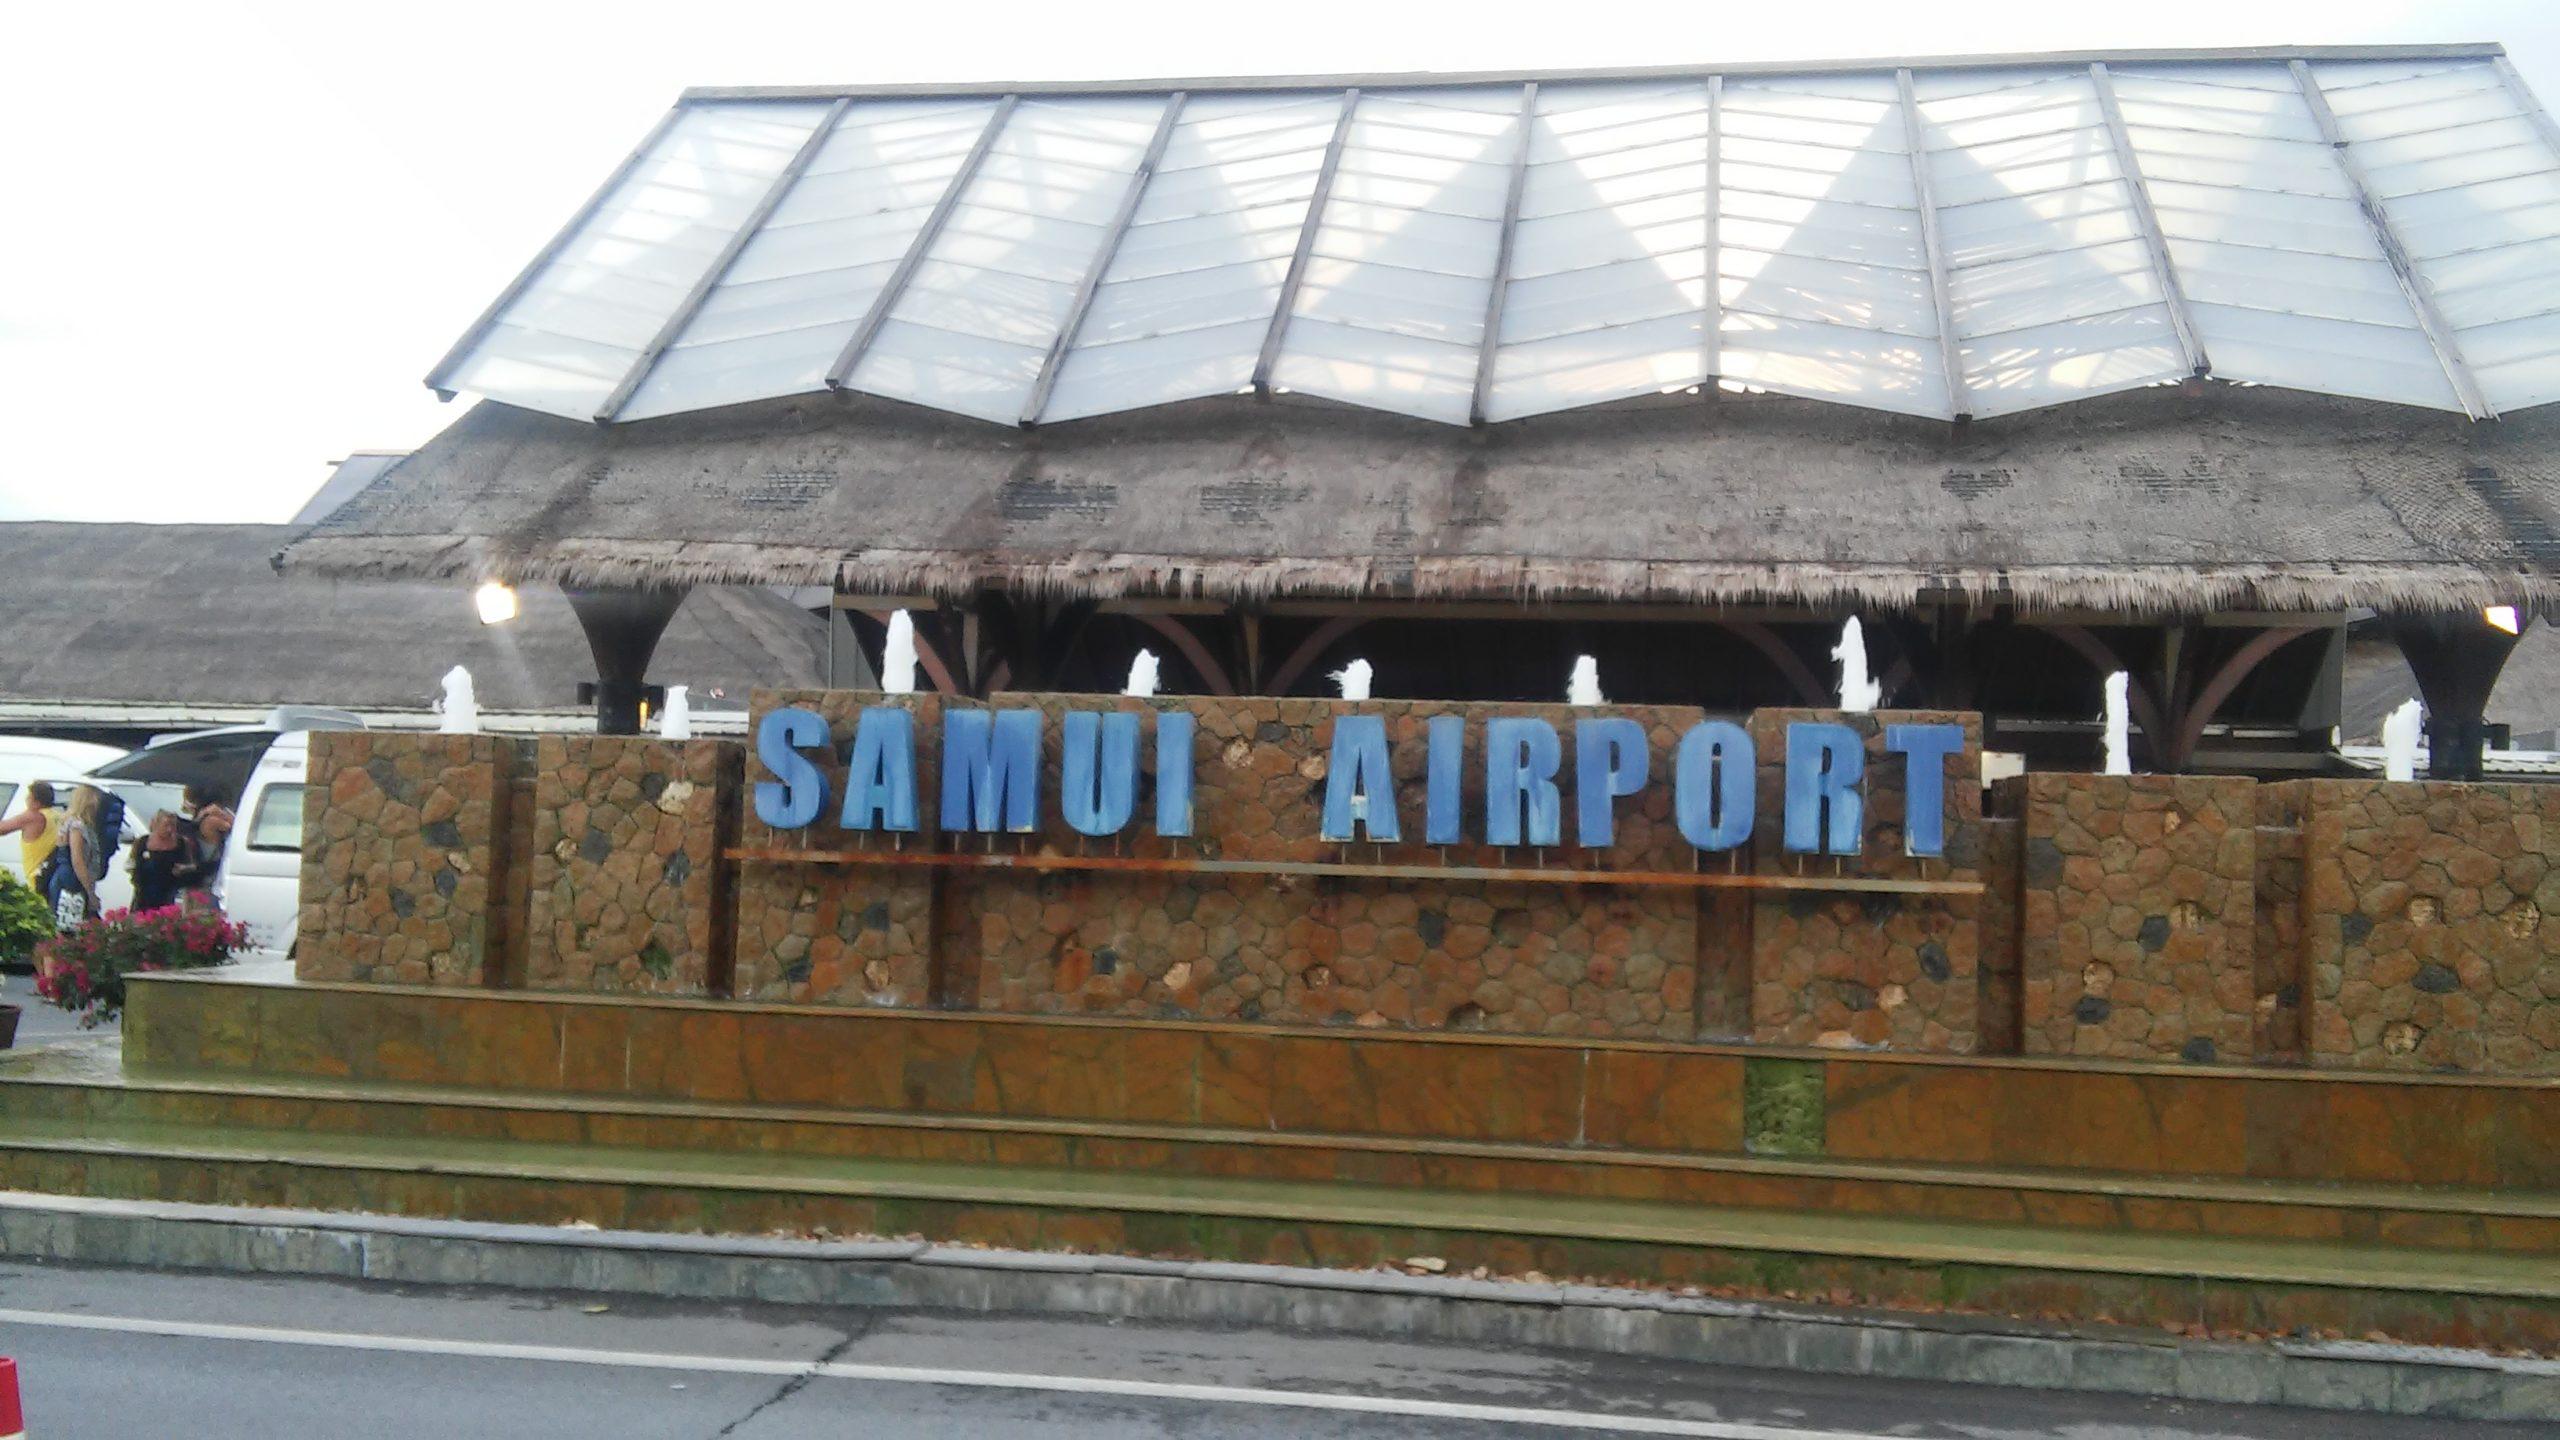 Samui Airport Flughafen – Airport Bewertung